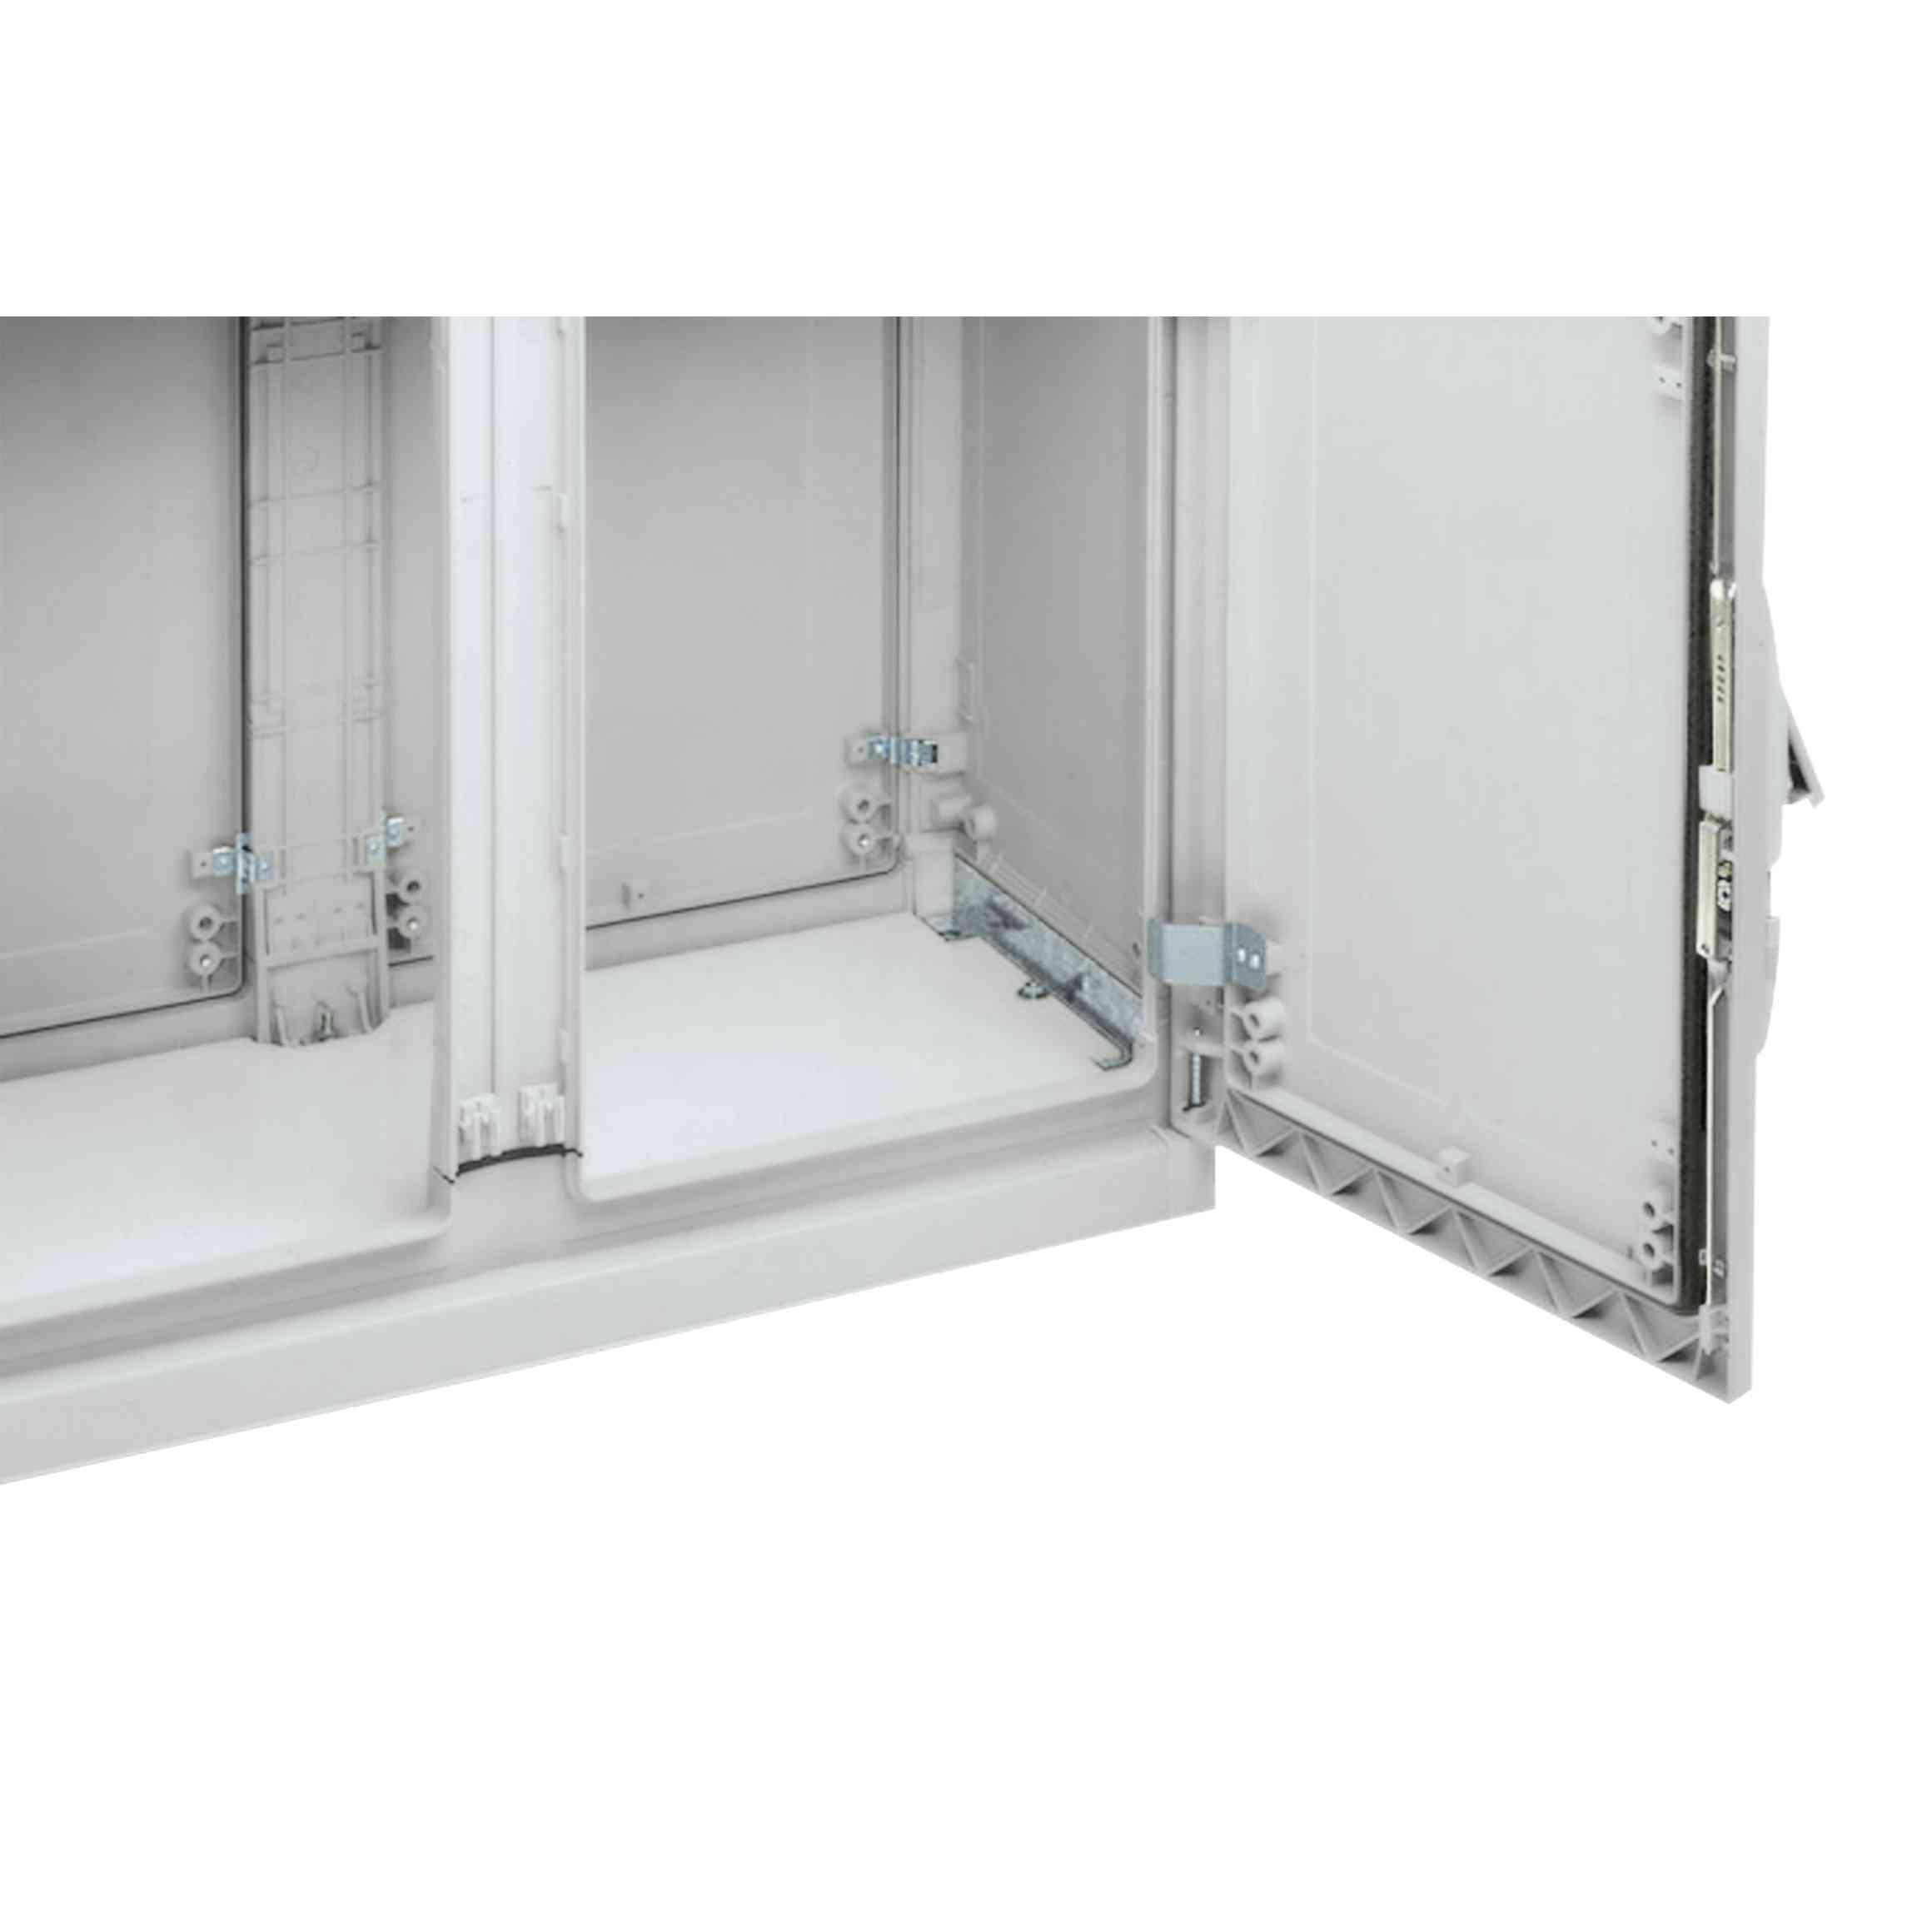 Poliestrska vhodna plošča za kabel za različico PLAZ ali PLAZT Š 1250 x G 420 mm